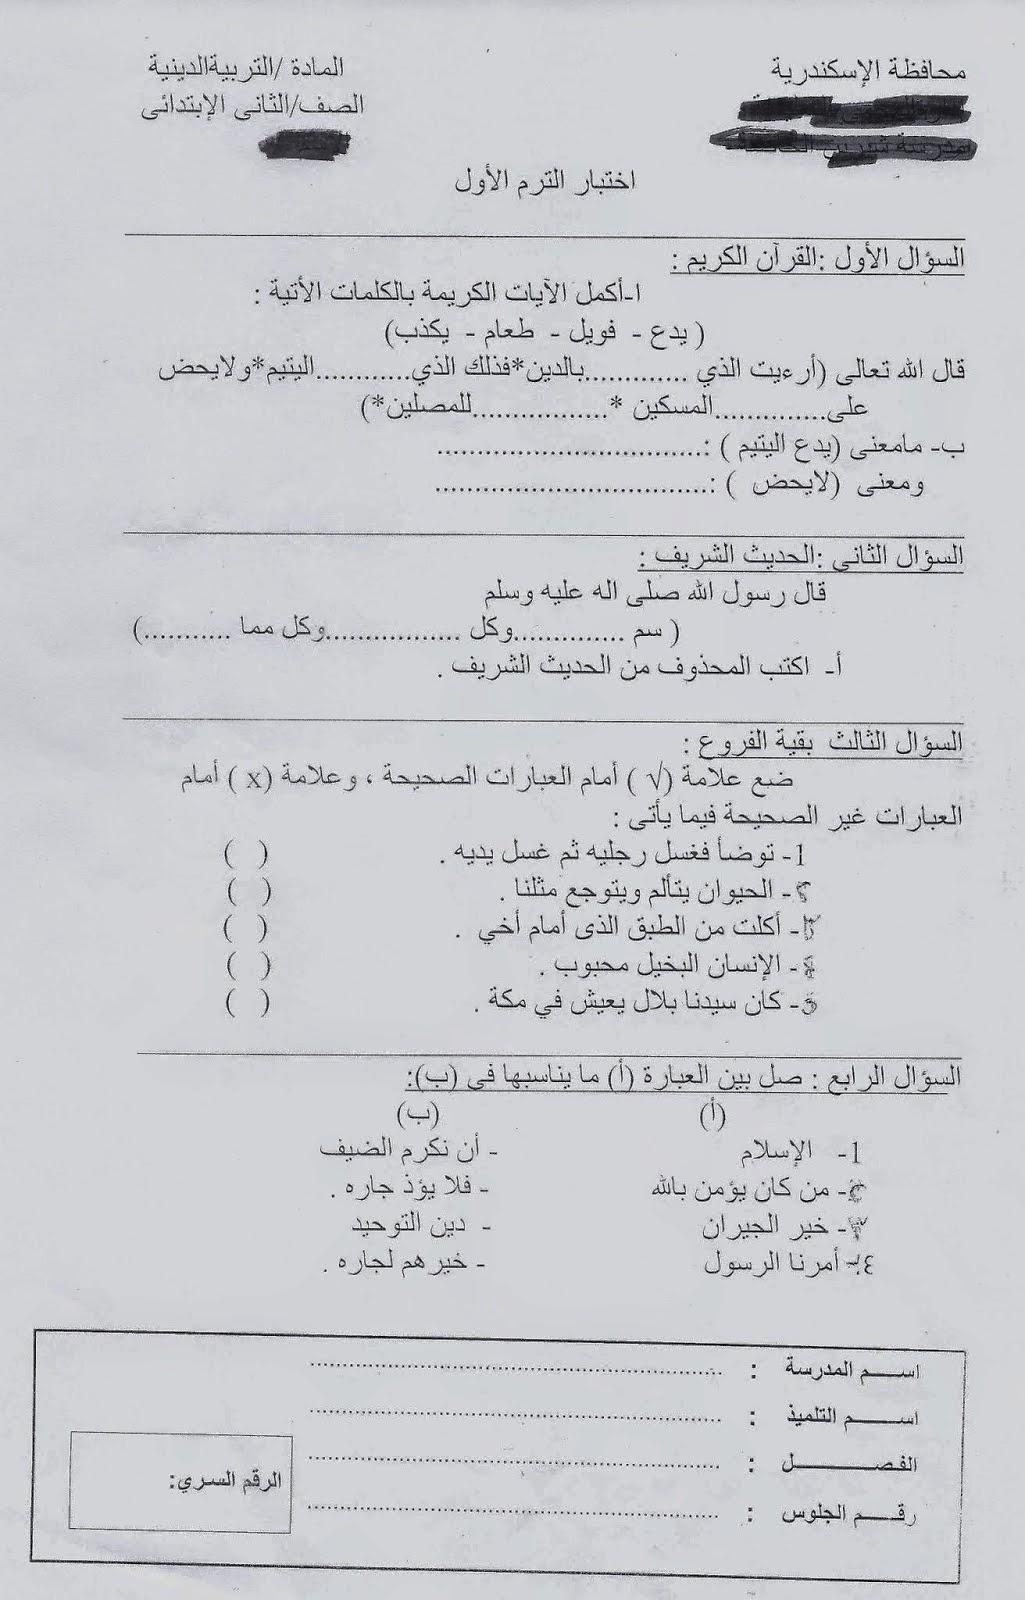 امتحانات كل مواد الثاني الابتدائي الترم الأول 2015 مدارس مصر عربى ولغات scan0074.jpg